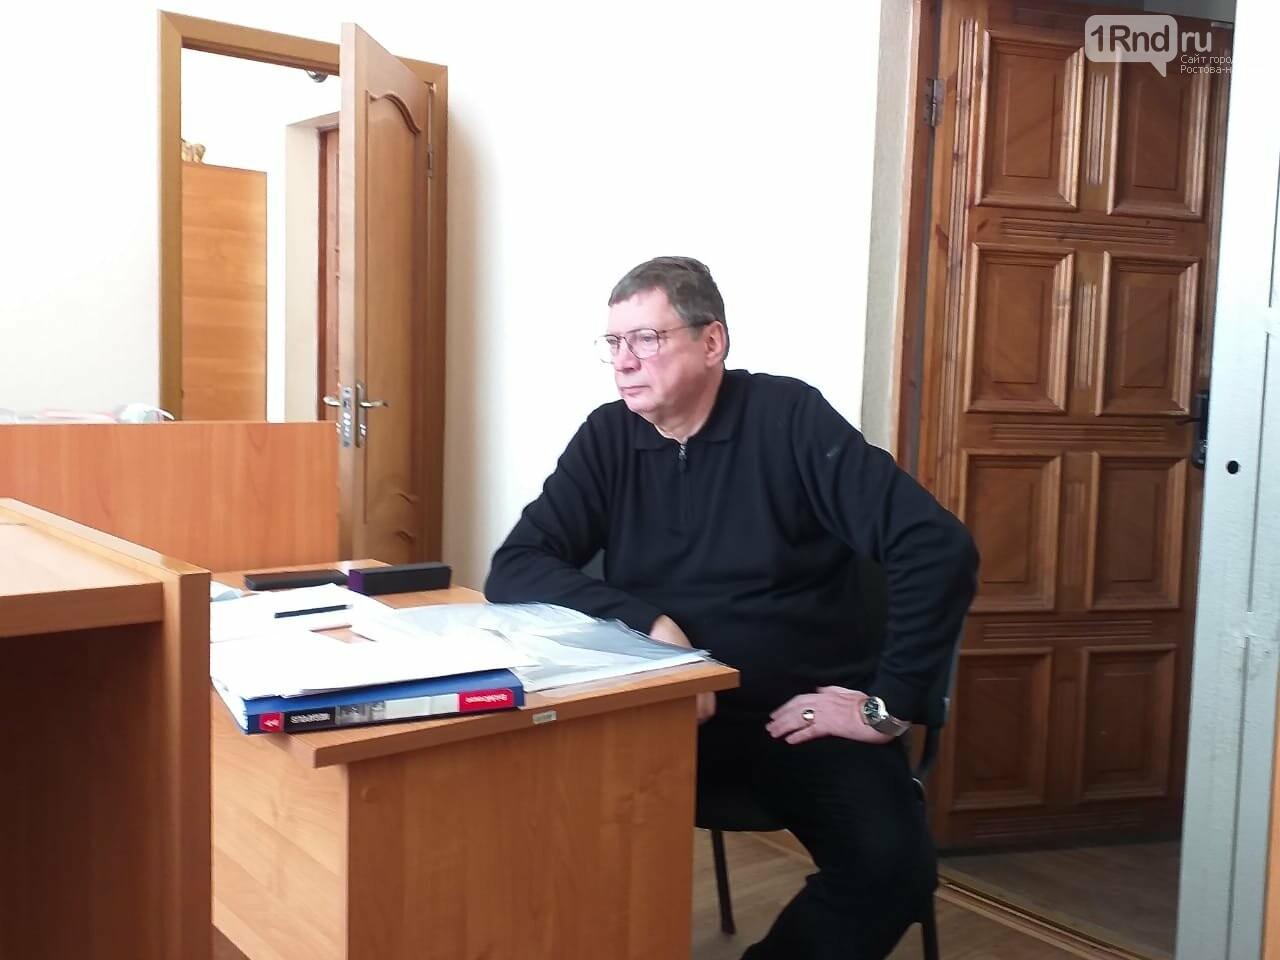 Адвокат Владимир Чесноков, фото 1rnd.ru